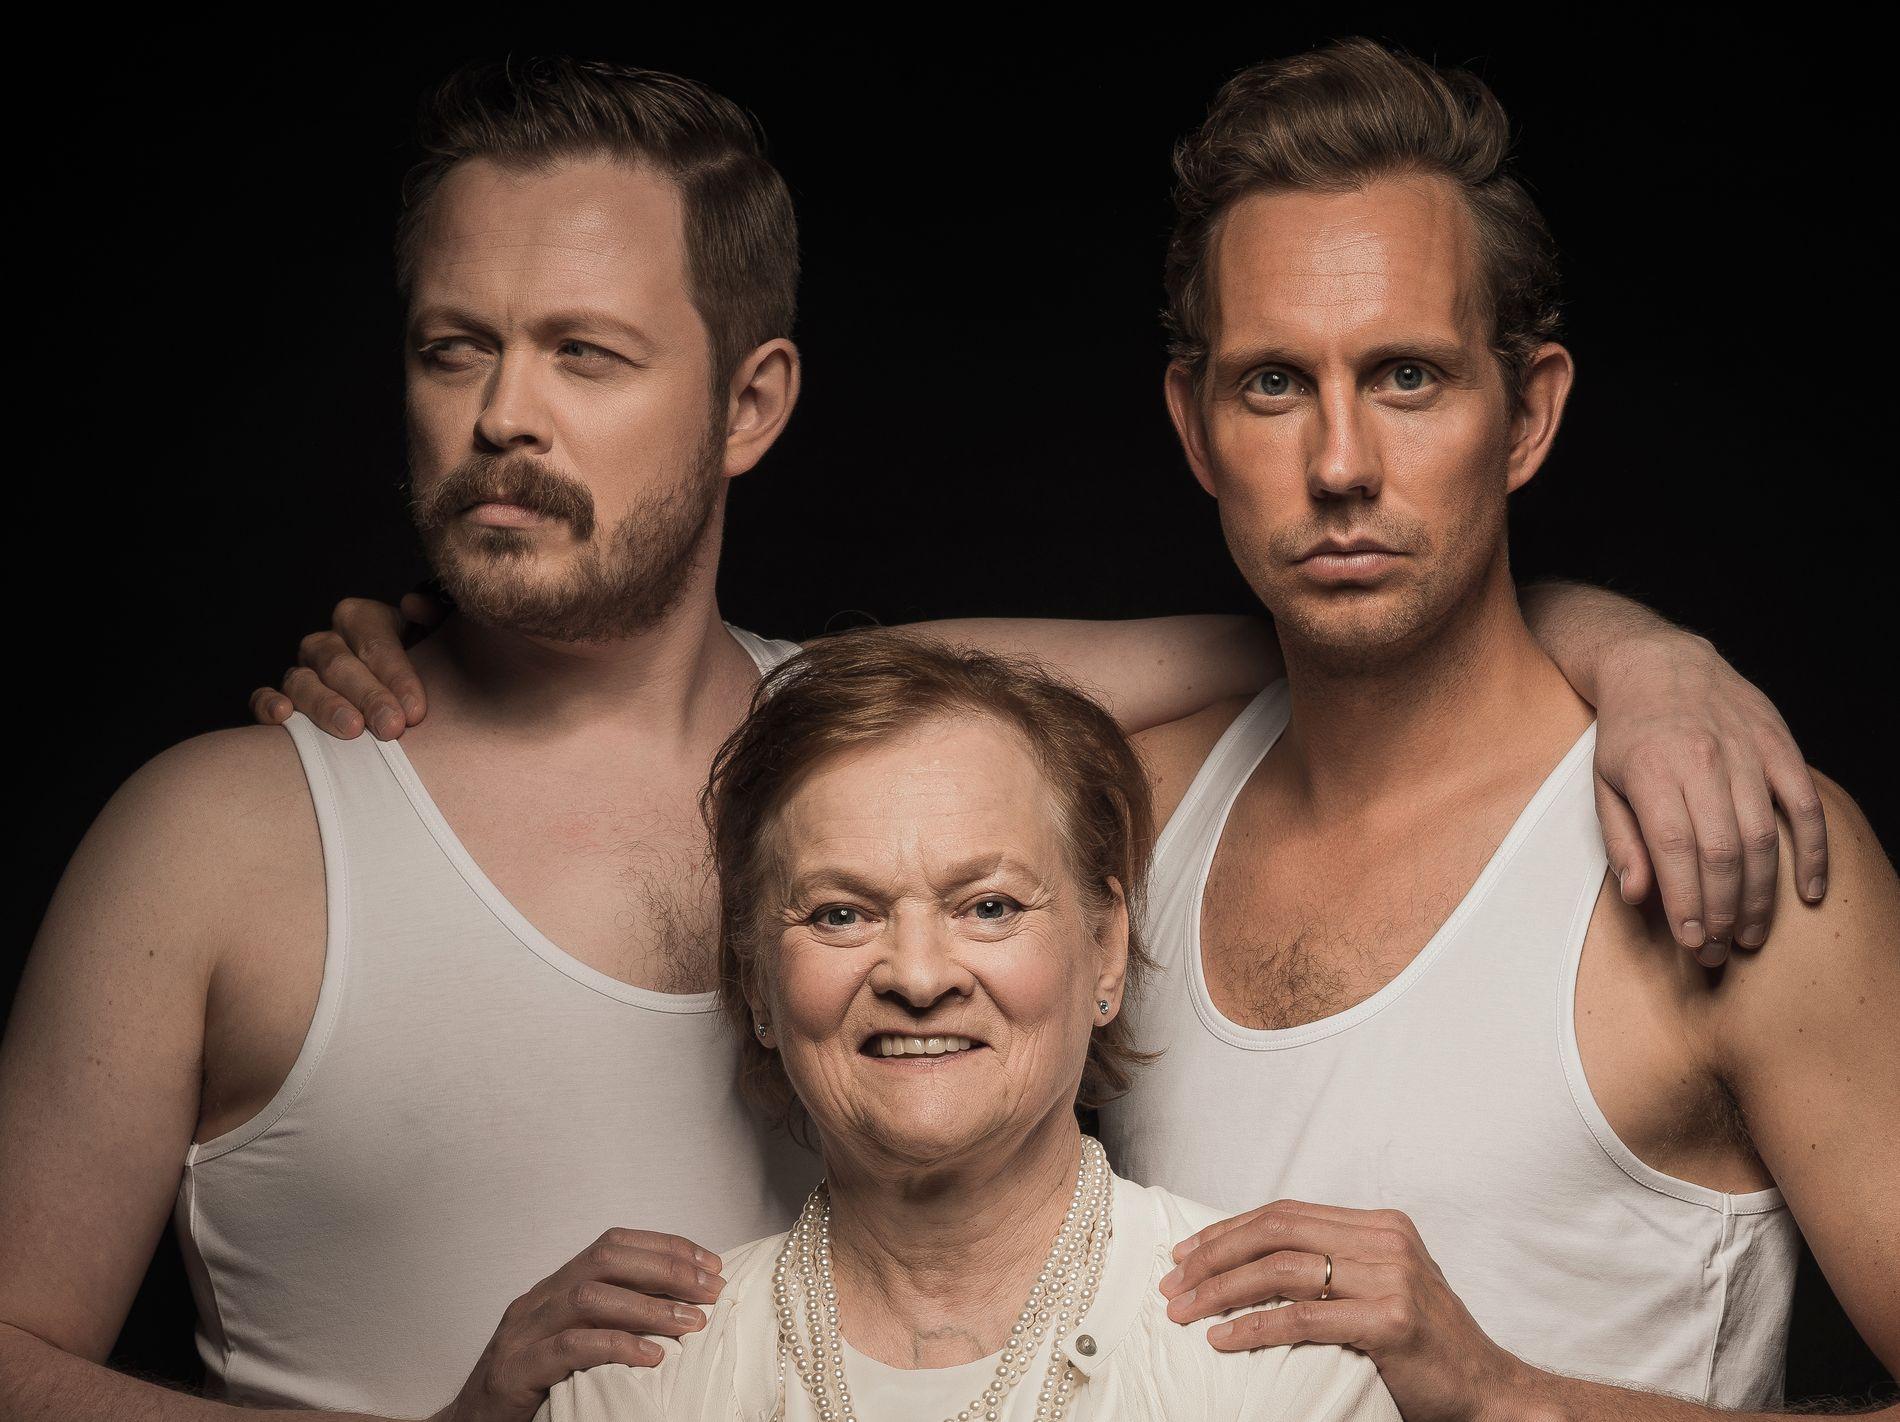 HJELPER RANDI: Randi Henriksen, innehaver av Randi parfymeri, sammen med de to komikerne på en fotoseanse for parfymen «Glamour Riviera», som blir lansert eksklusivt for den lille butikken i Tromsø. Foto: TV2